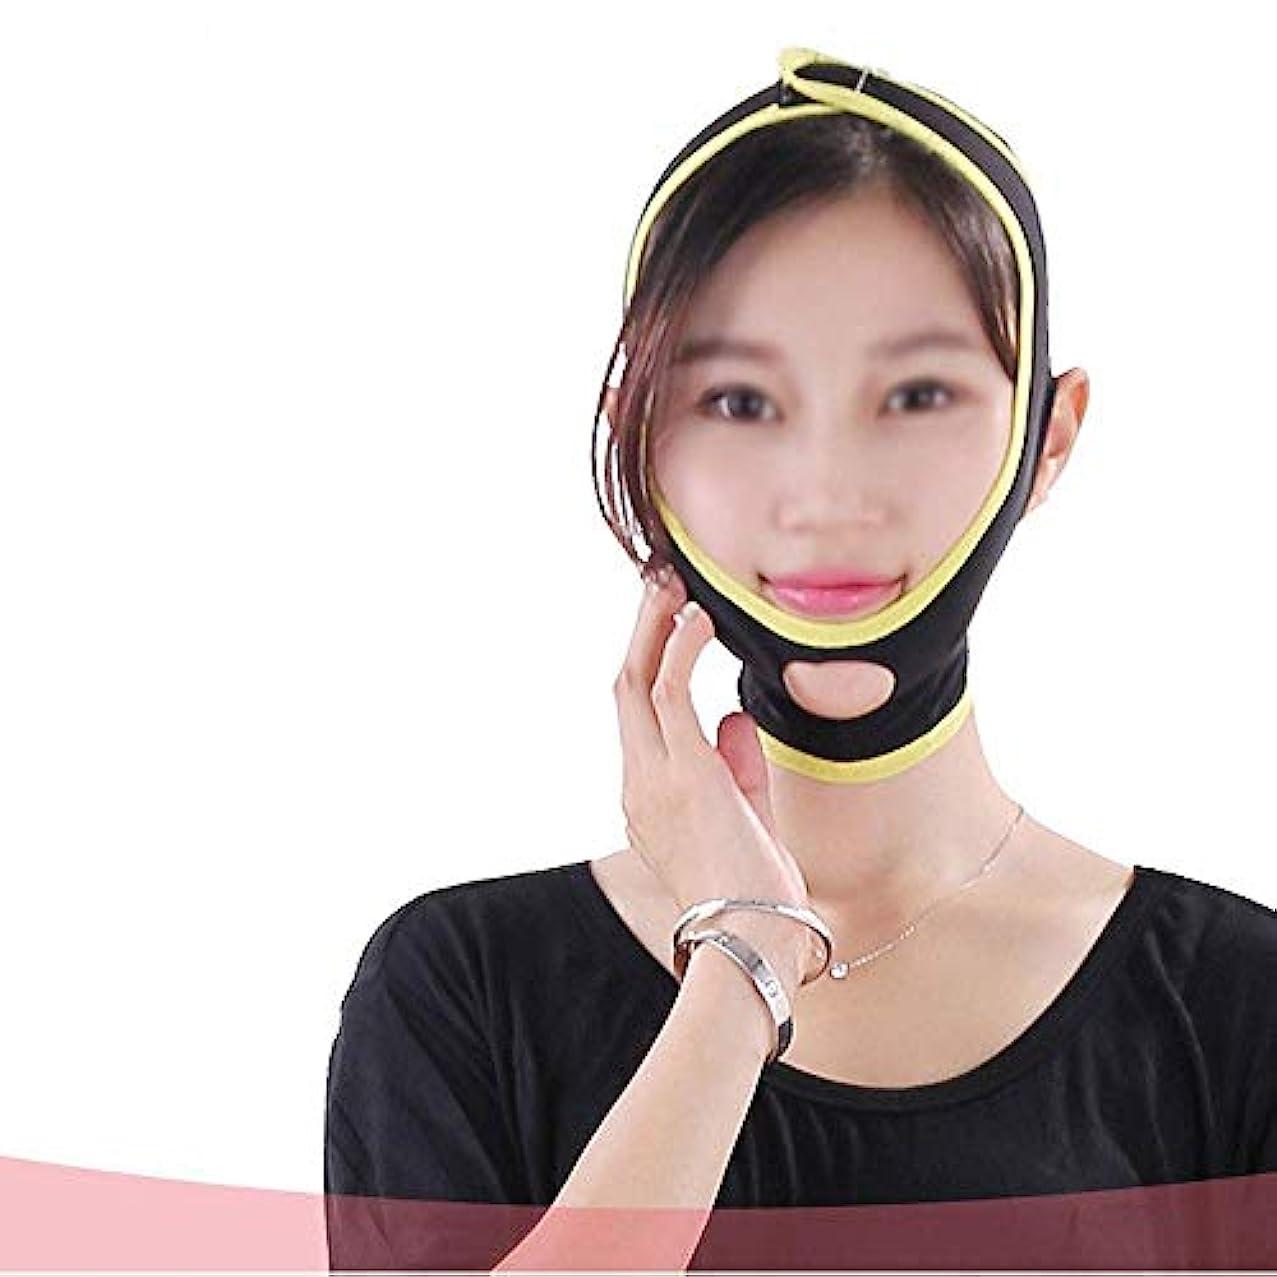 利得トラブルすばらしいです睡眠用フェイスマスク、薄い顔の包帯、小さな顔Vの顔、薄い顔、フェイスリフト付き(サイズ:M)